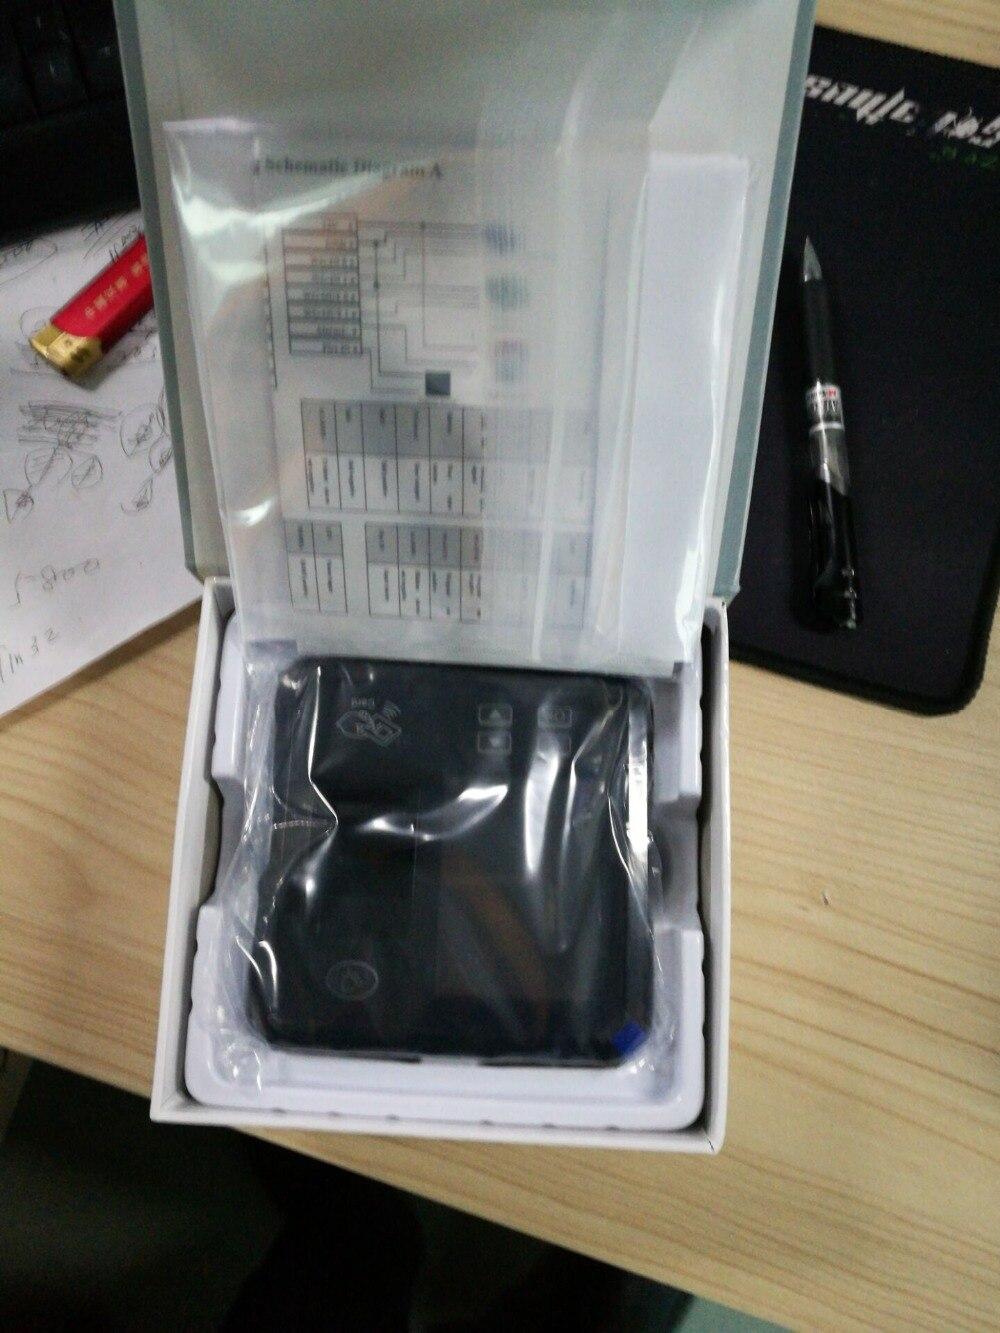 Биометрическая машина контроля доступа отпечатков пальцев Электрический RFID считыватель сканер сенсор код системы для дверной замок